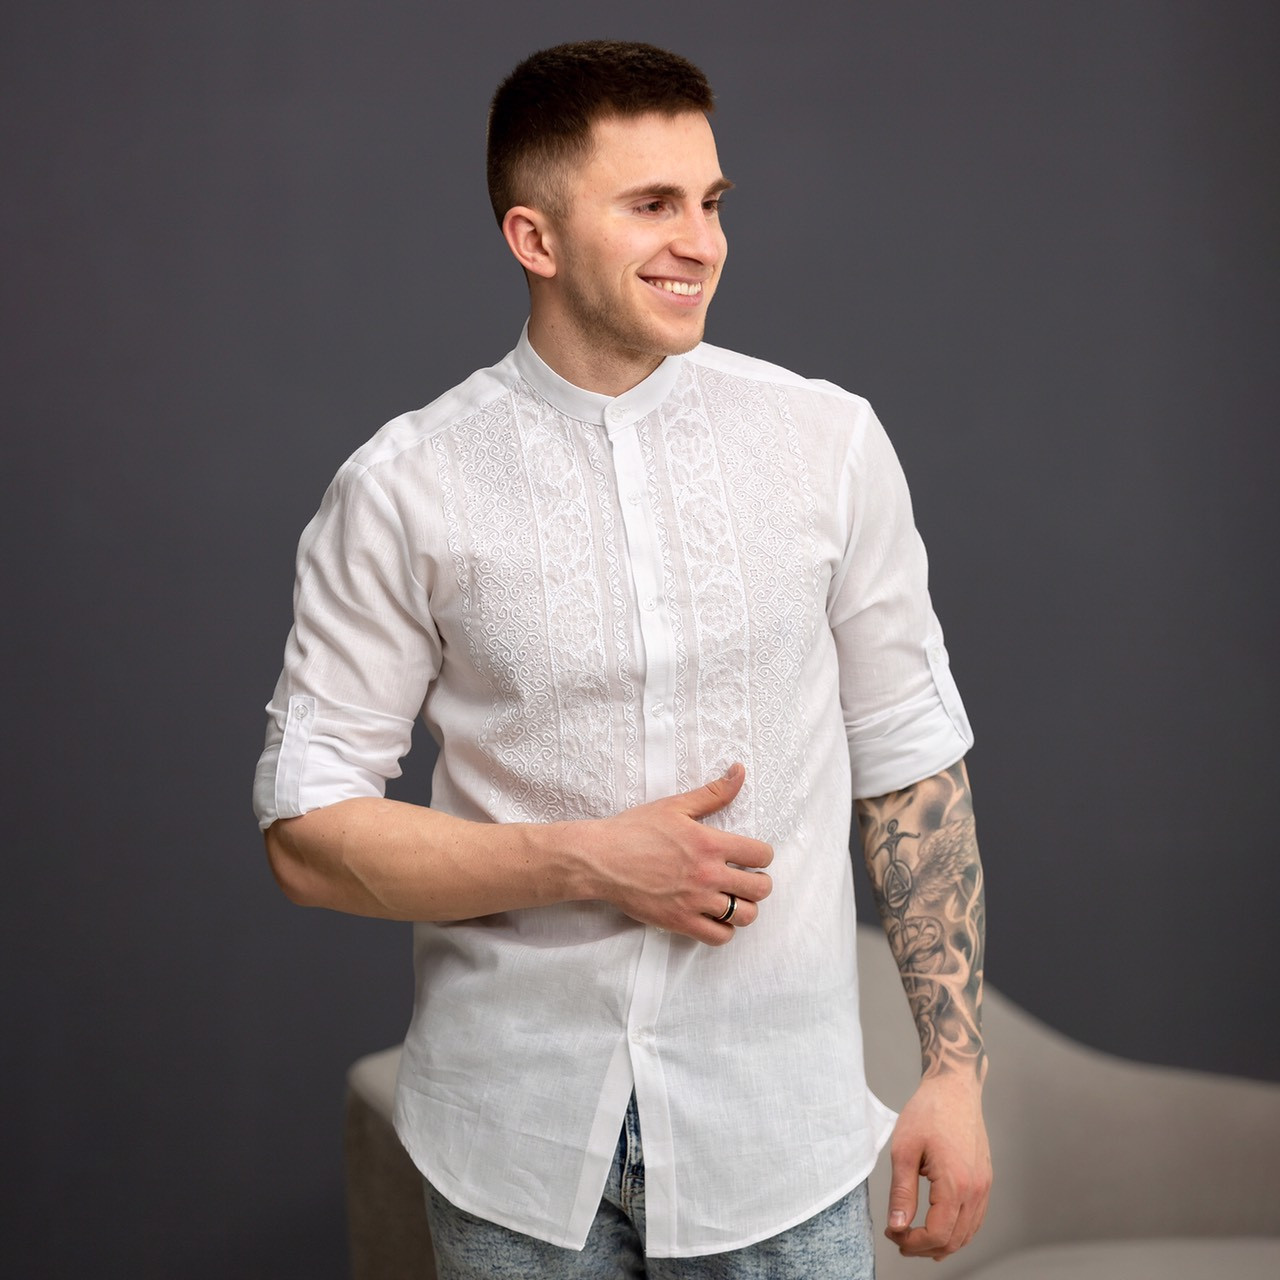 Чоловіча біла лляна вишиванка з білою вишивкою